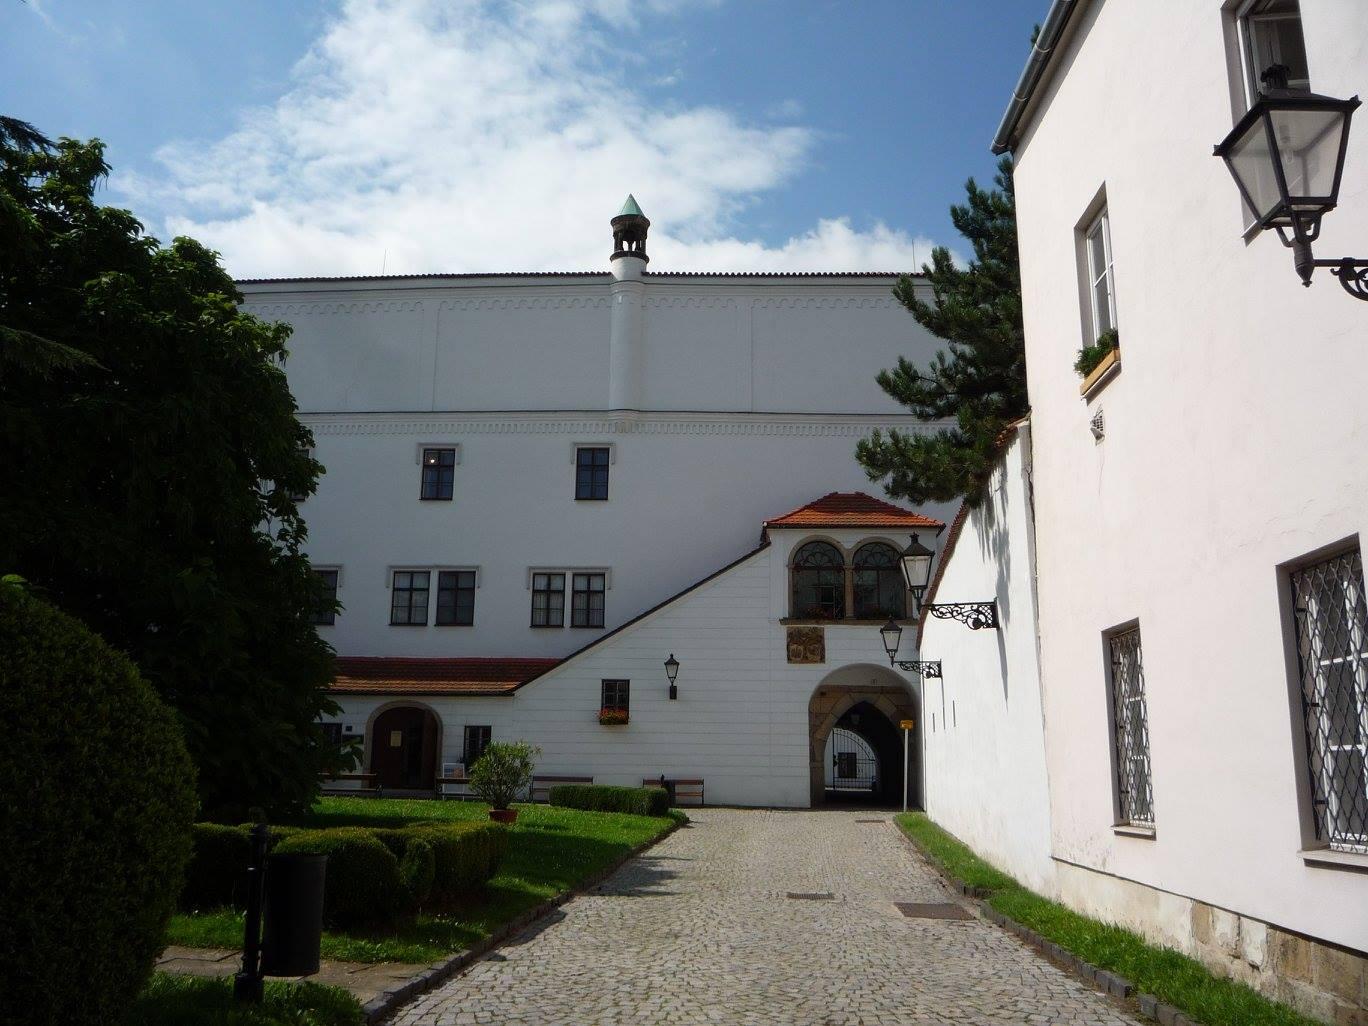 Žerotínský zámek a muzeum - Zajimavamista.cz 134e932002